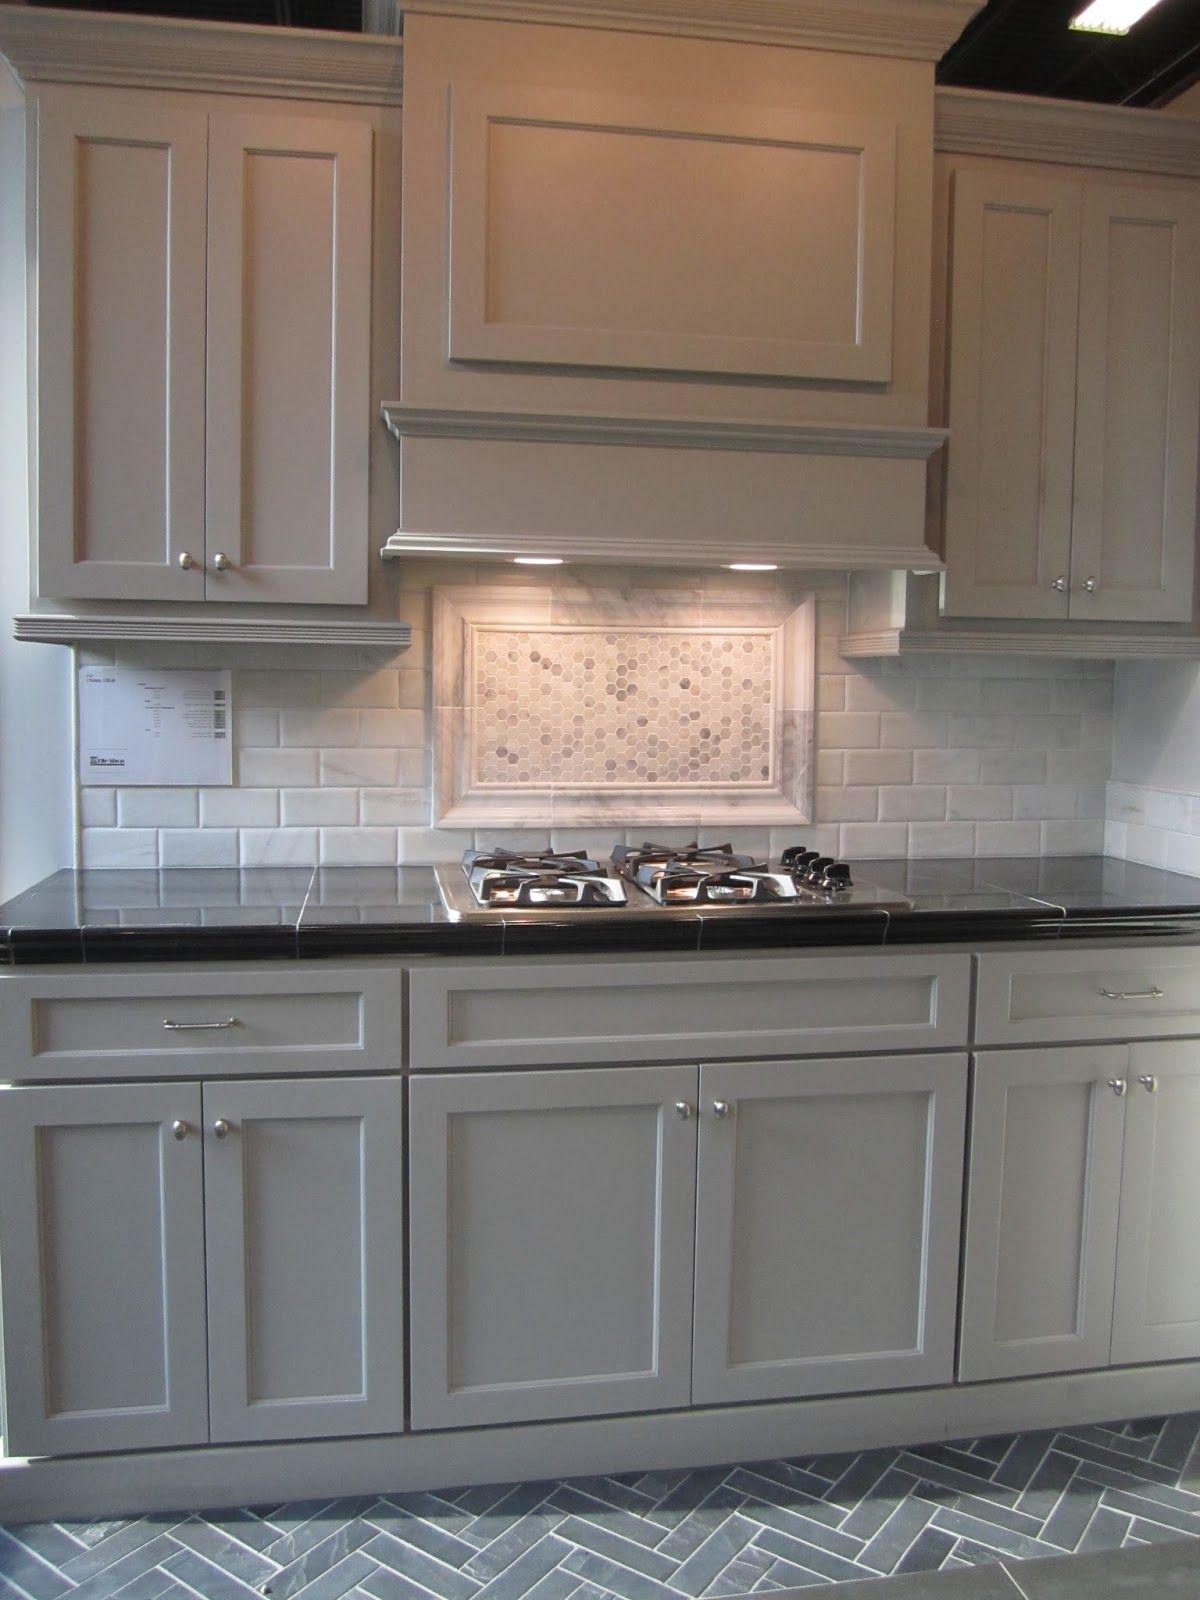 Dallas Tx Kitchen Design Small Kitchen Cabinets Kitchen Cabinet Design